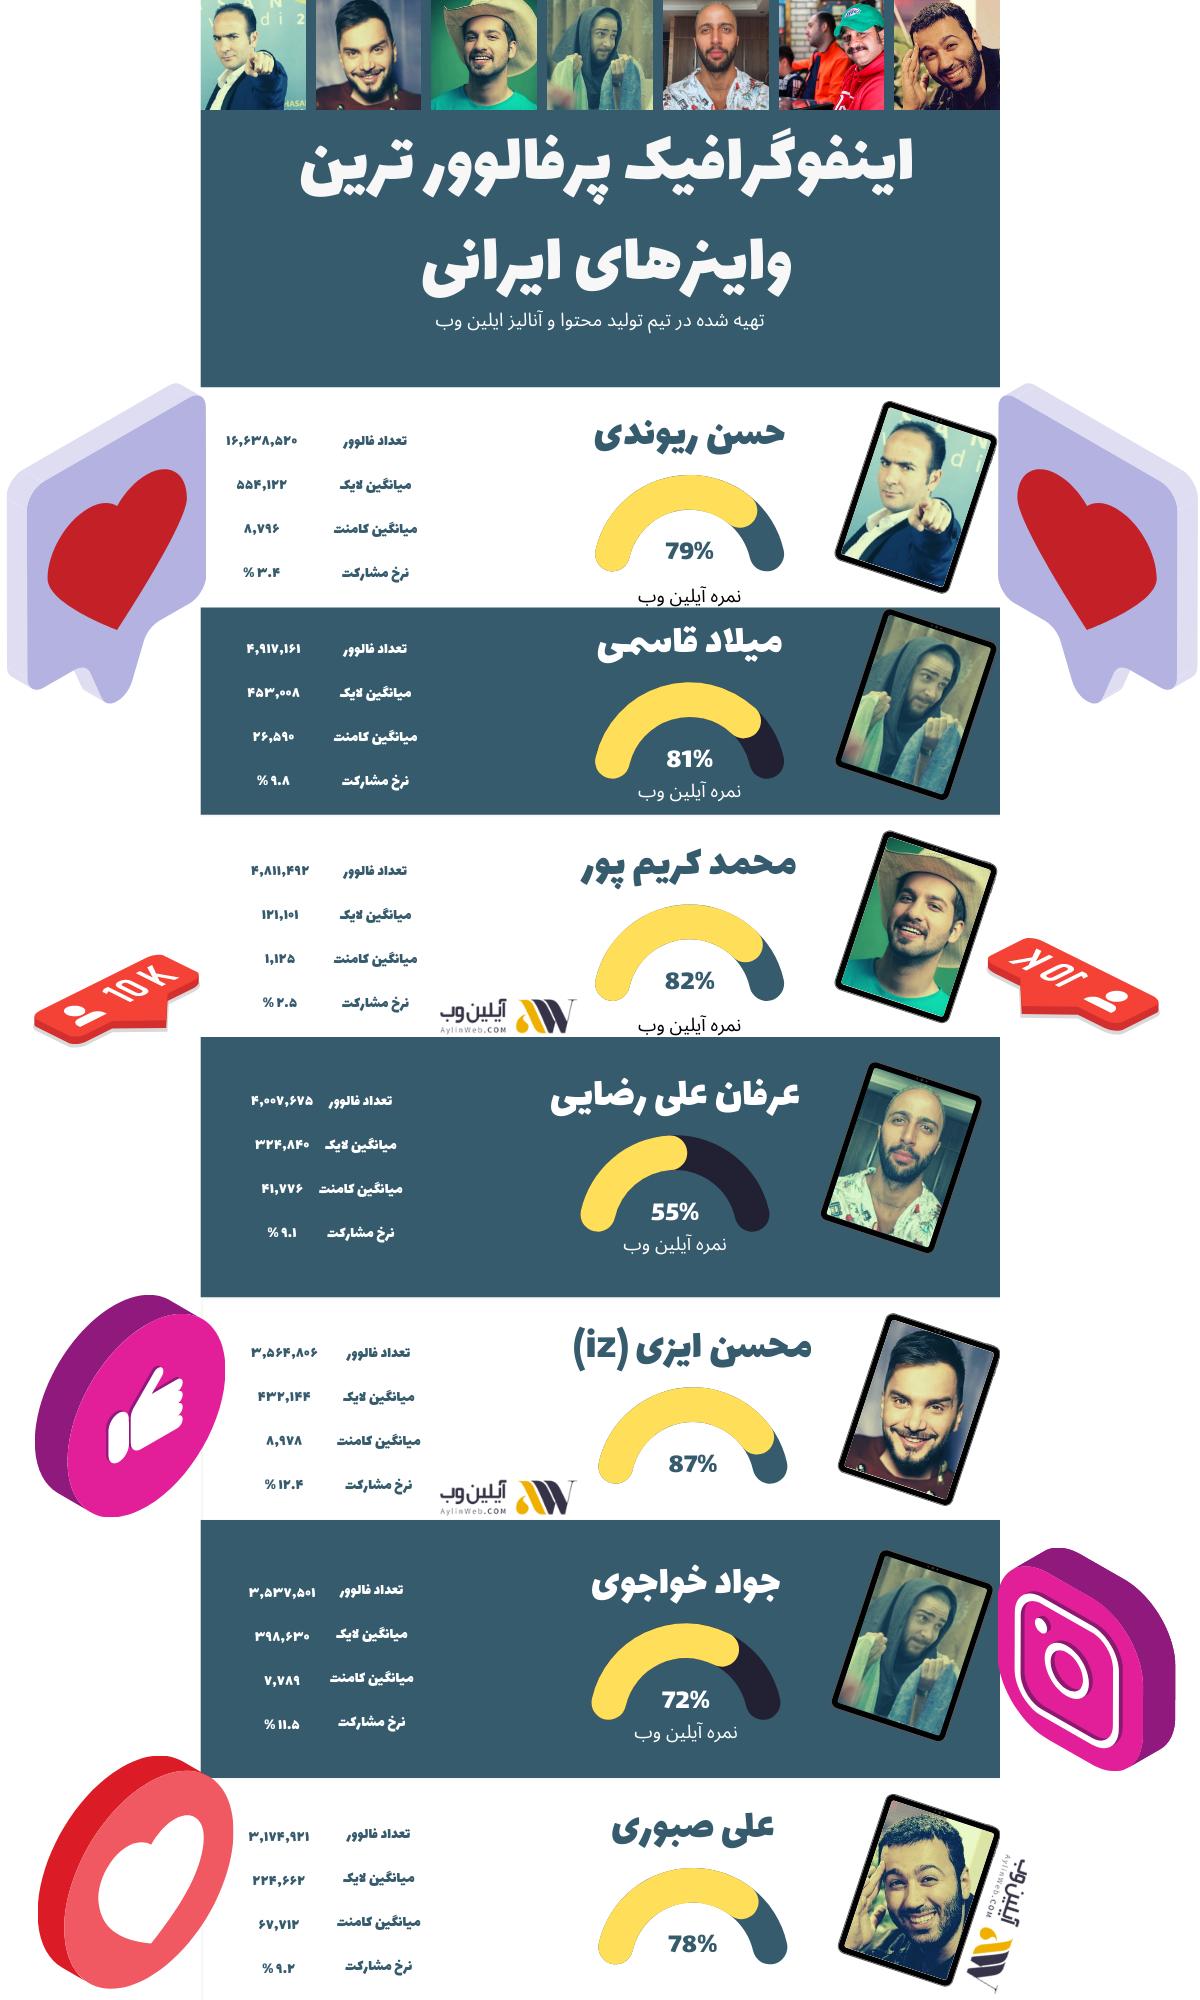 اینفوگرافیک پرفالوورترین واینرهای ایرانی